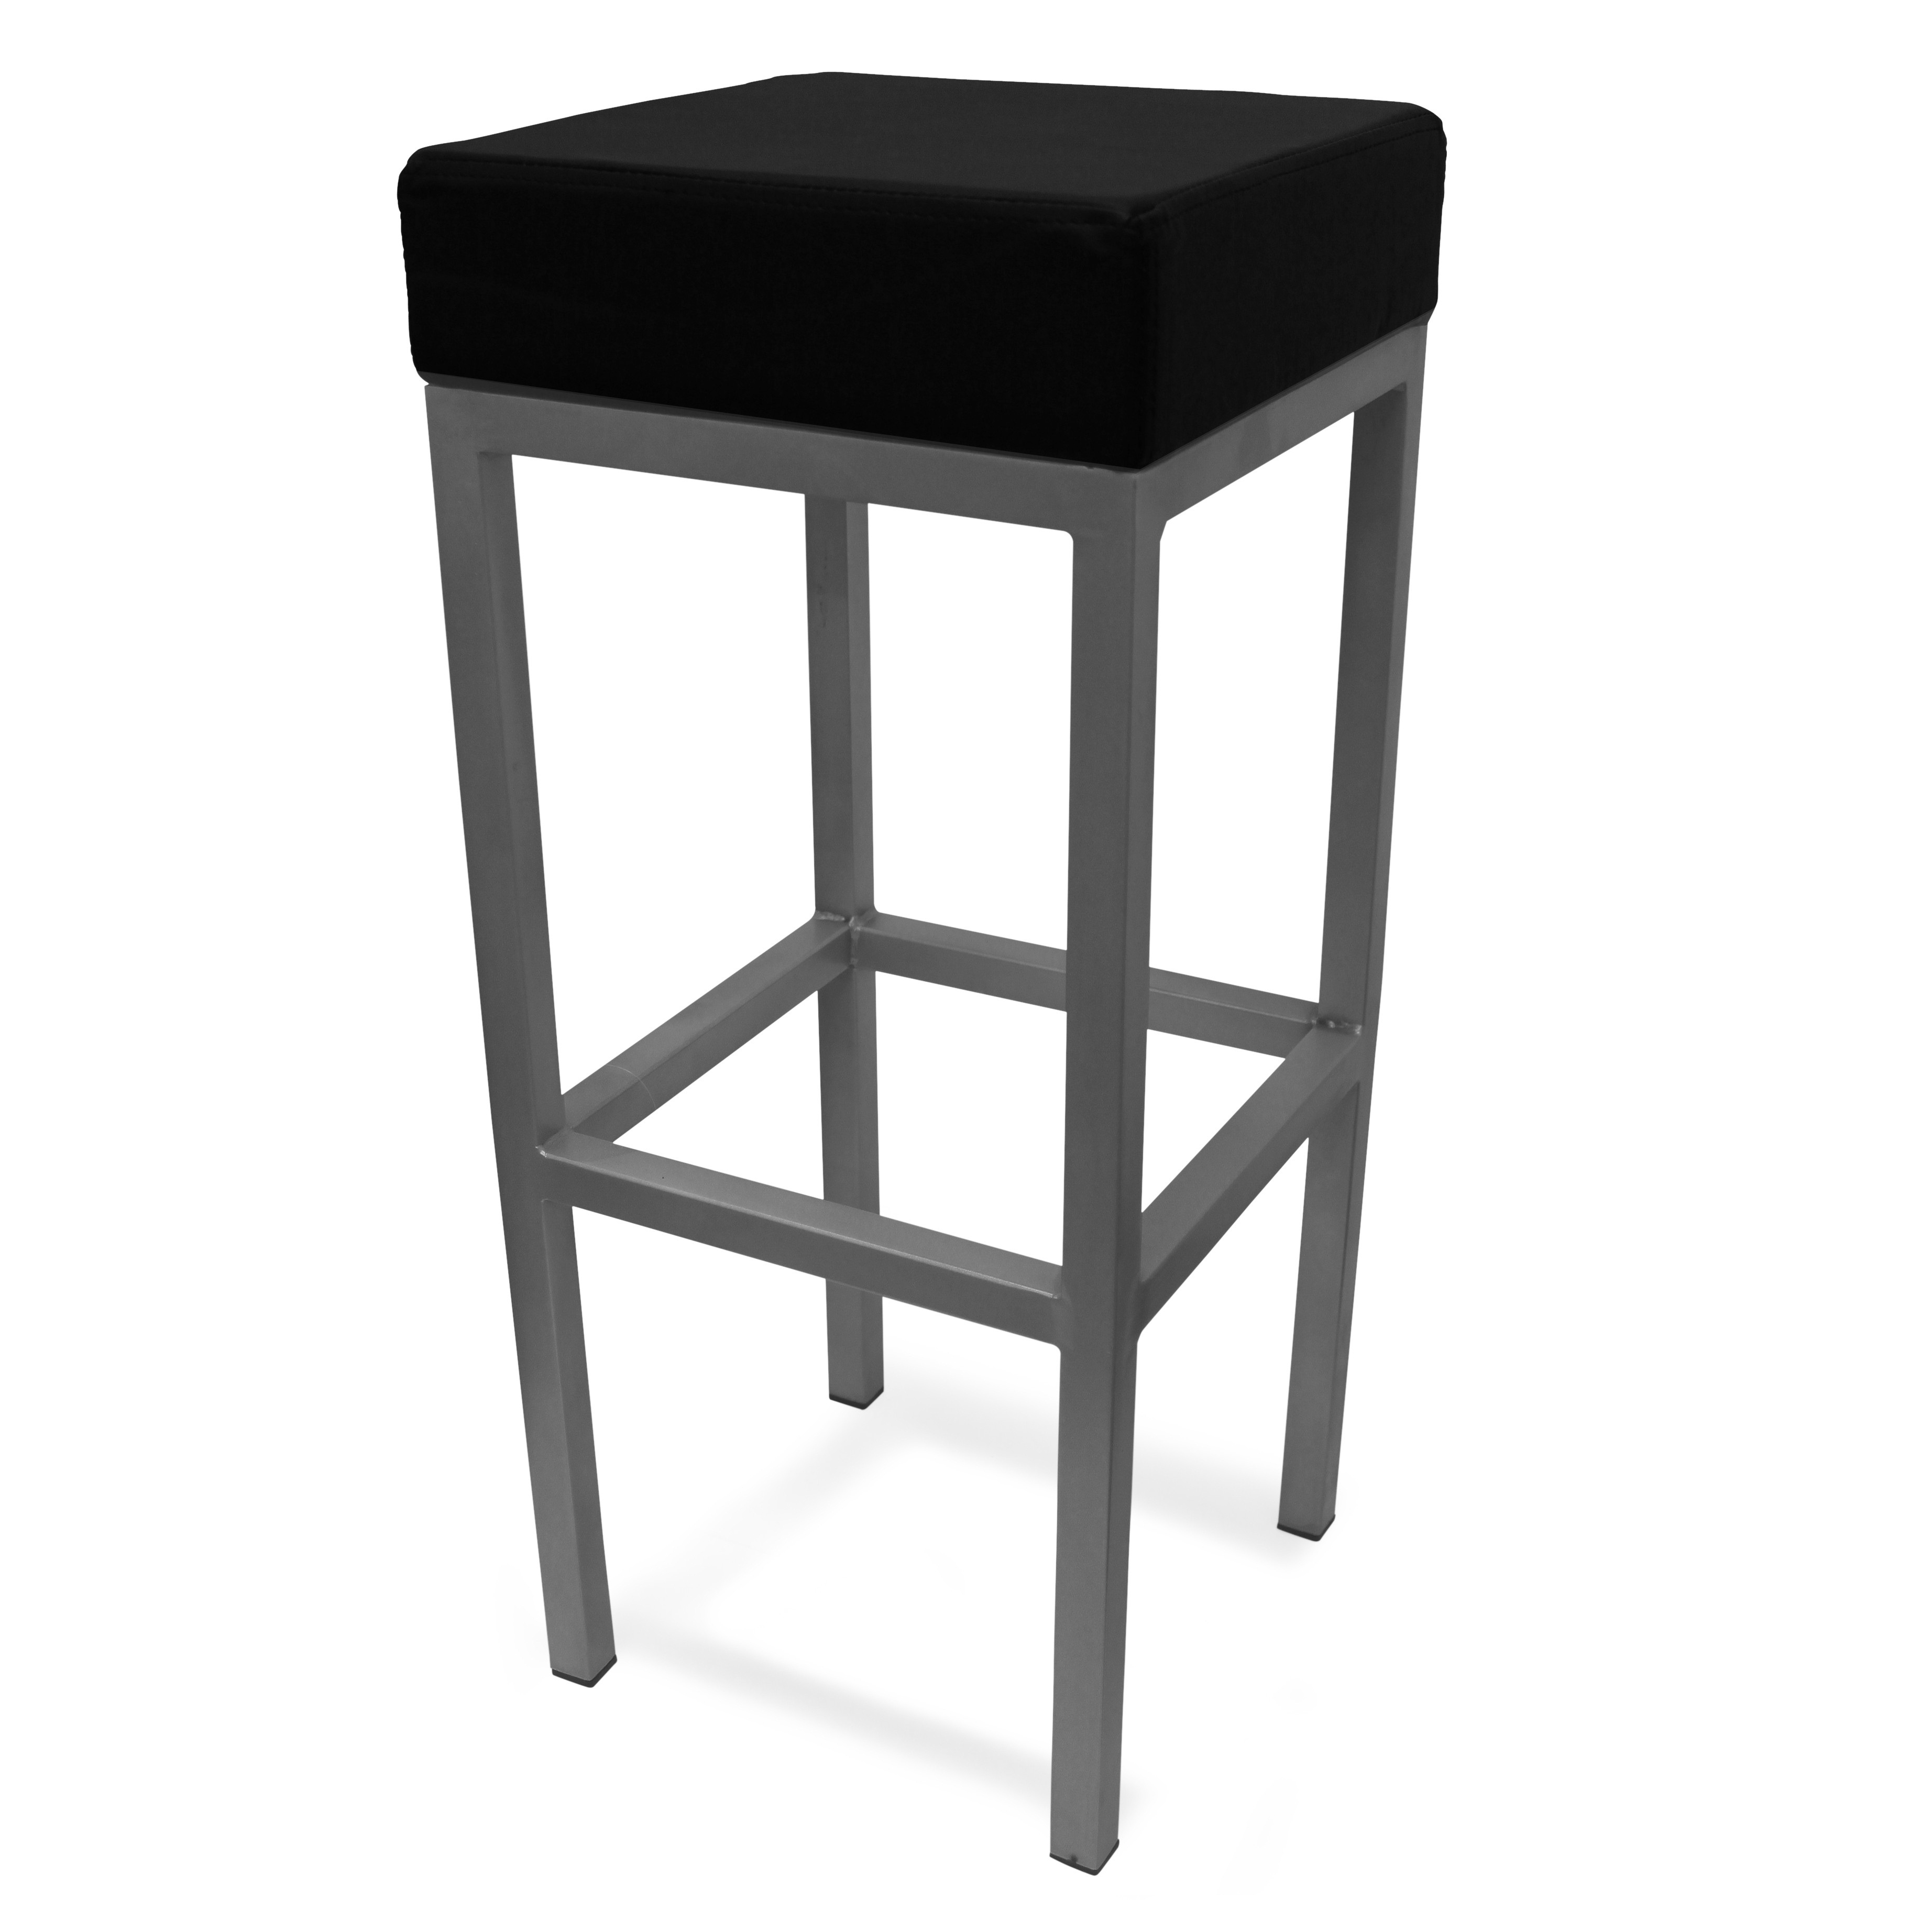 Cube bar stool black loading image